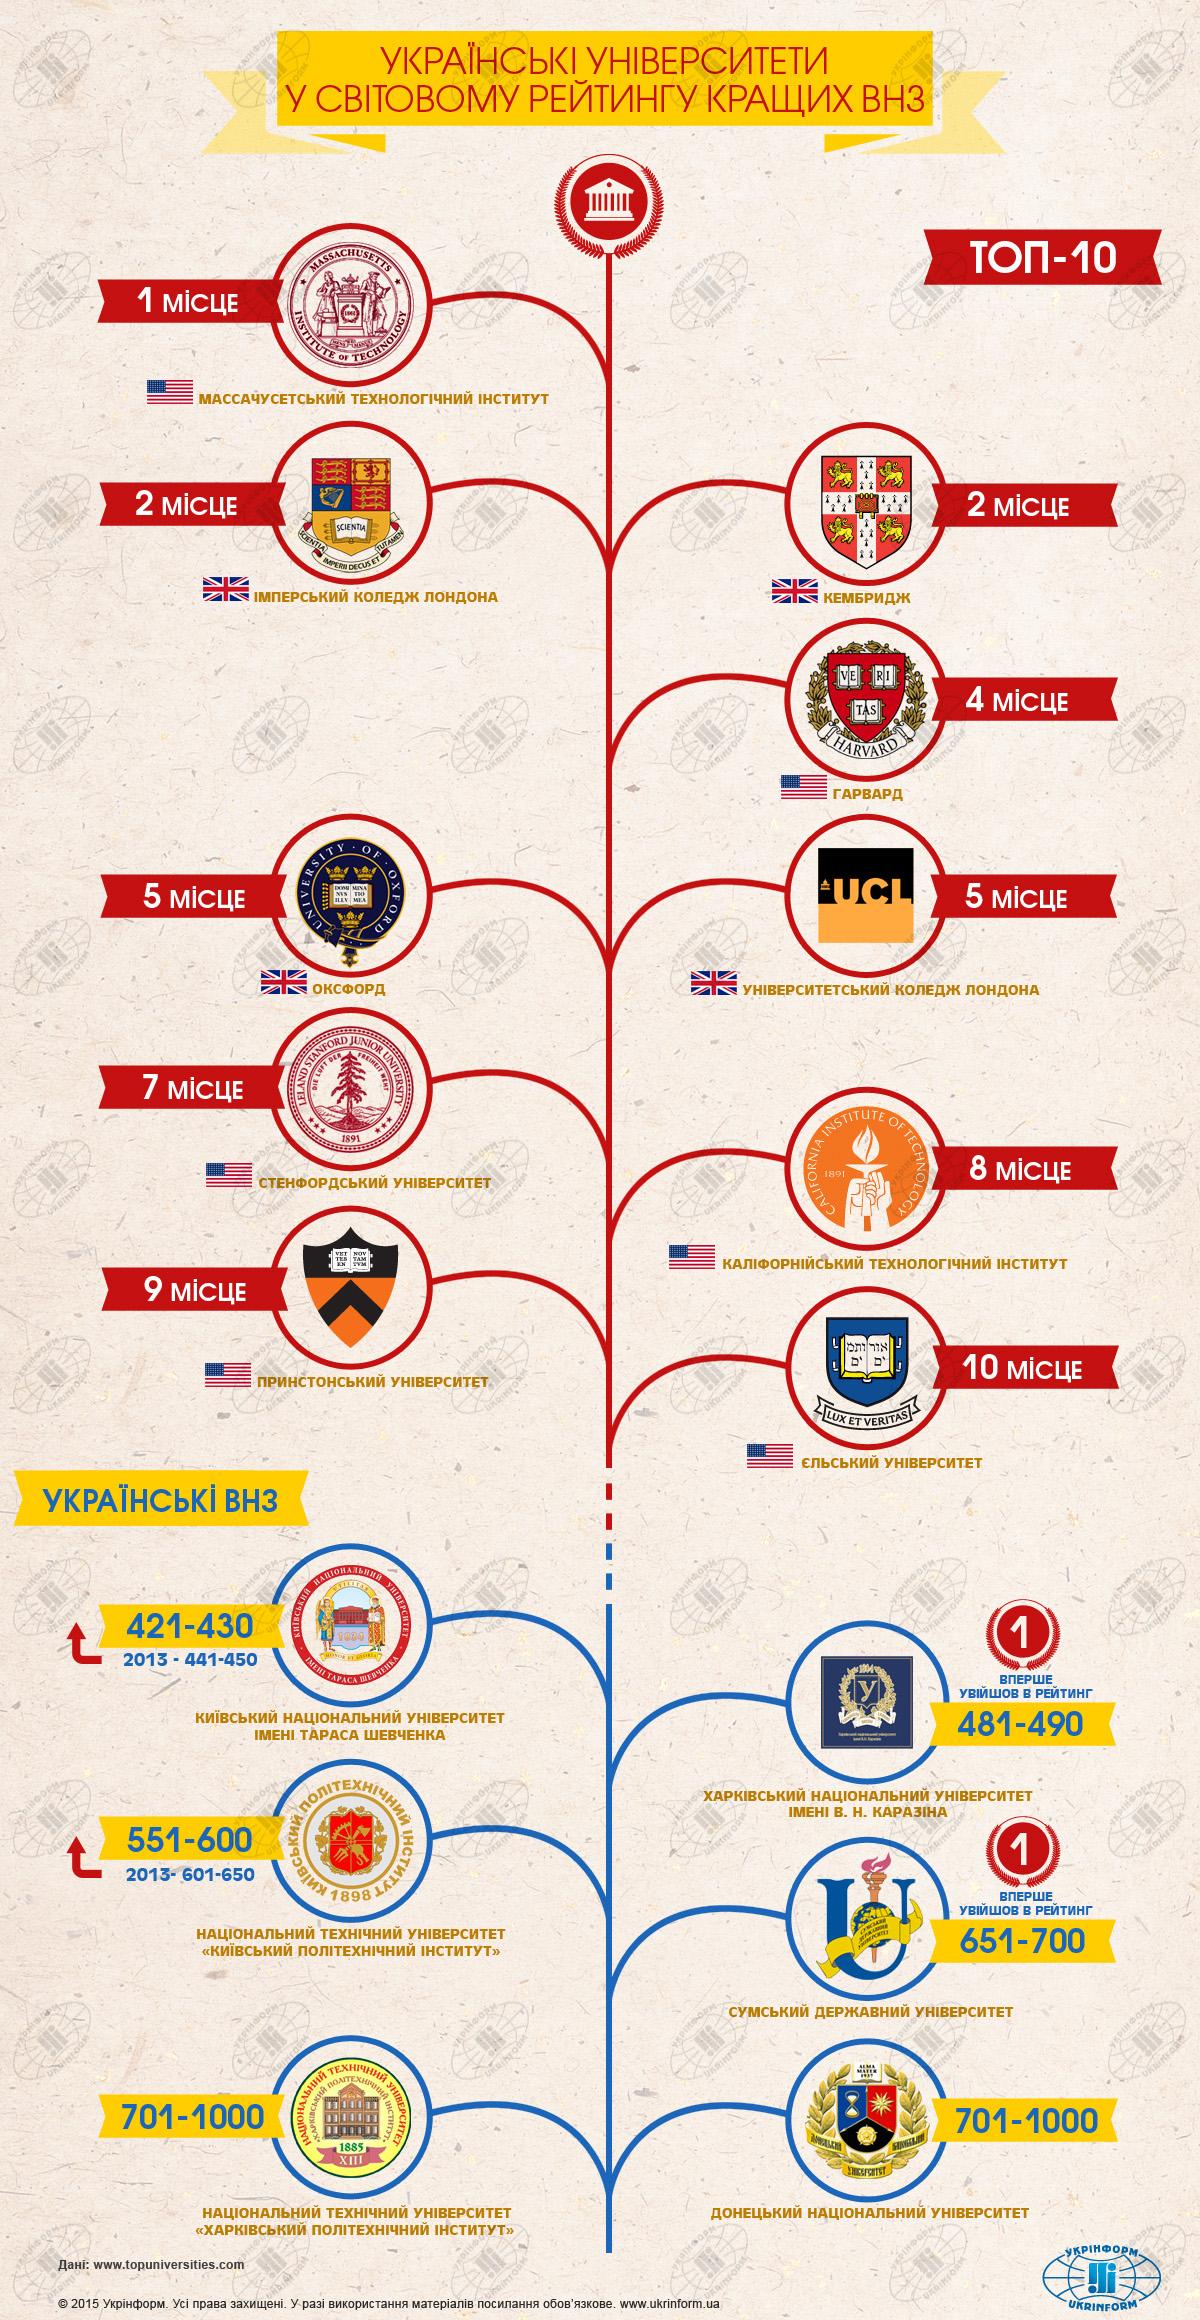 Визуализация: Какие украинские университеты в мировом рейтинге лучших